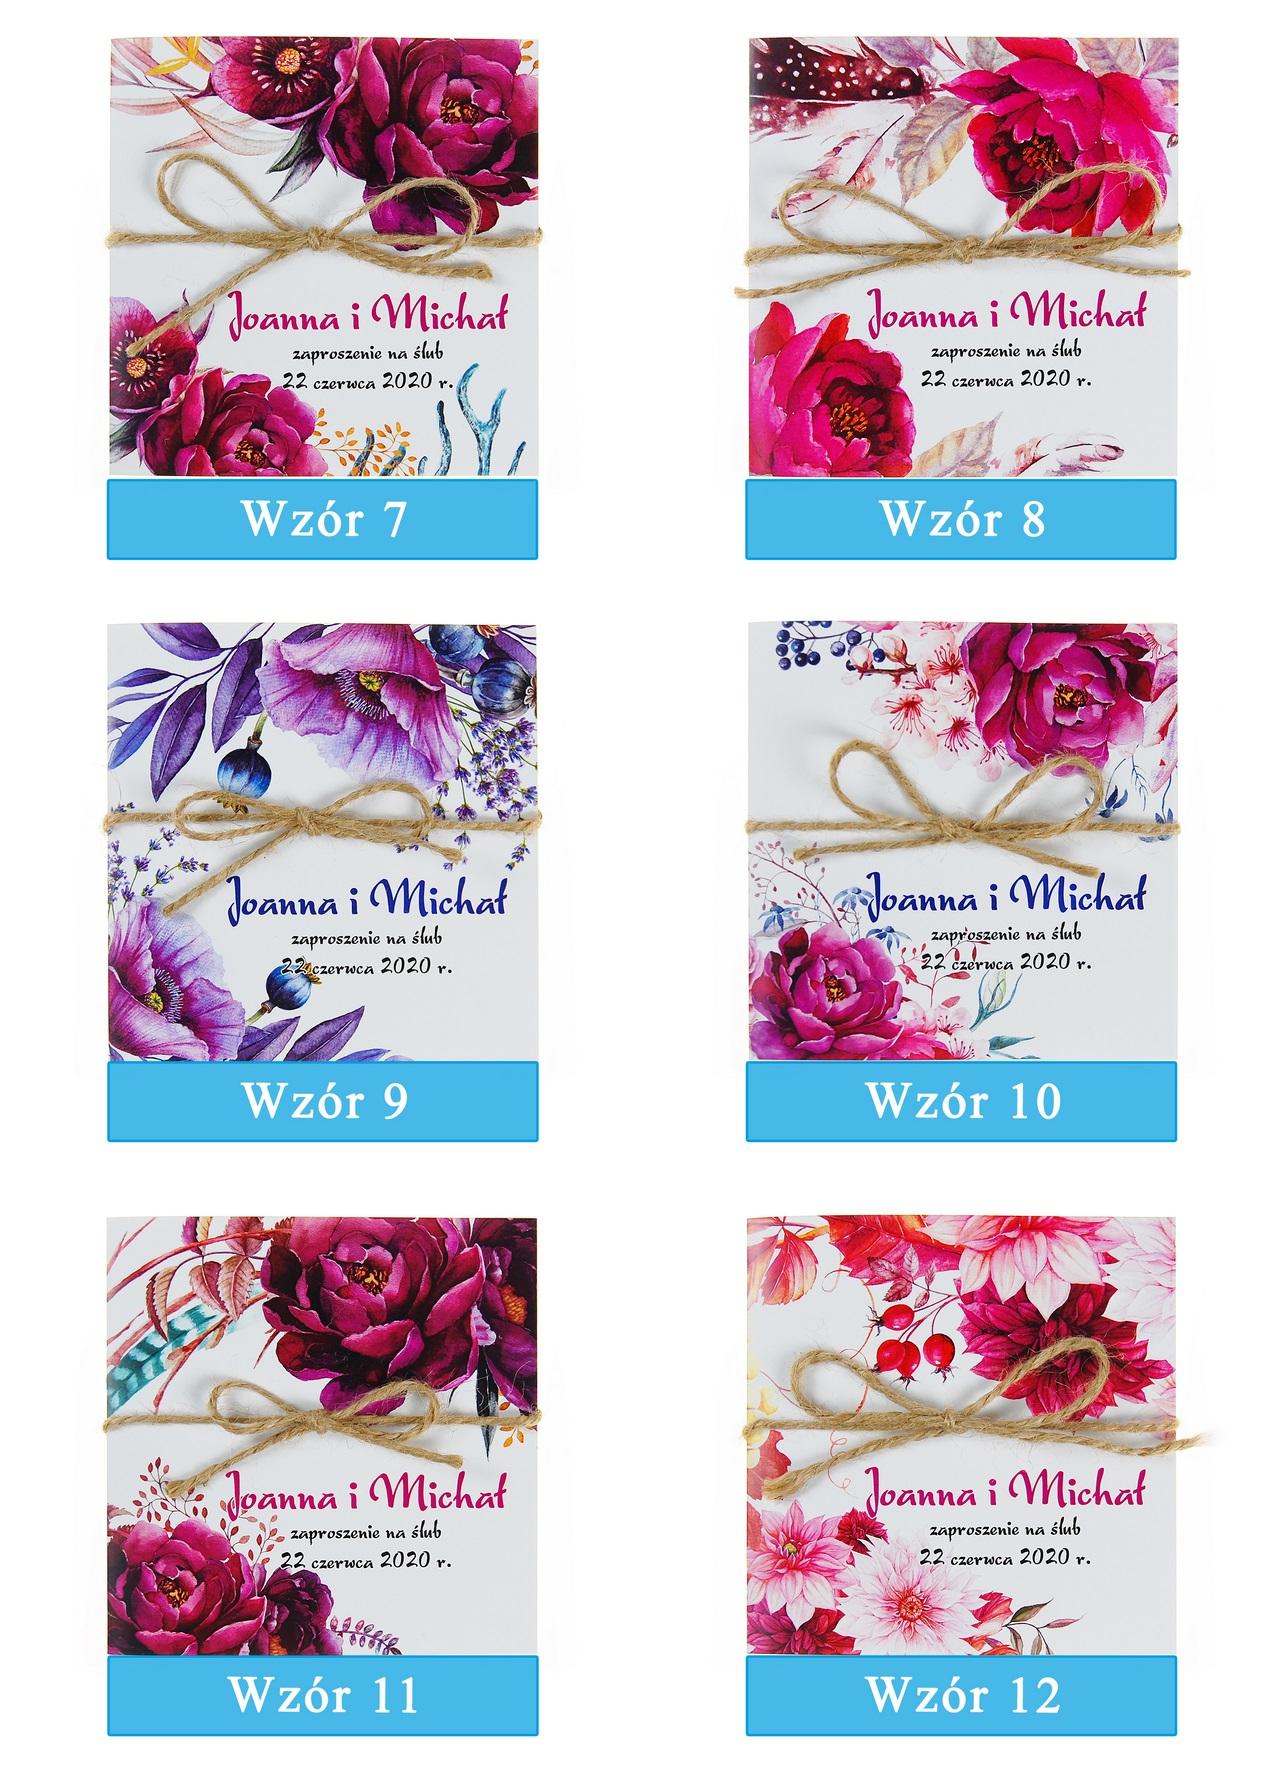 zaproszenia-ślubne-boho-kwiatowe-rustykalne-ze-sznurkiem-Tamara-plansza-wzory7-12